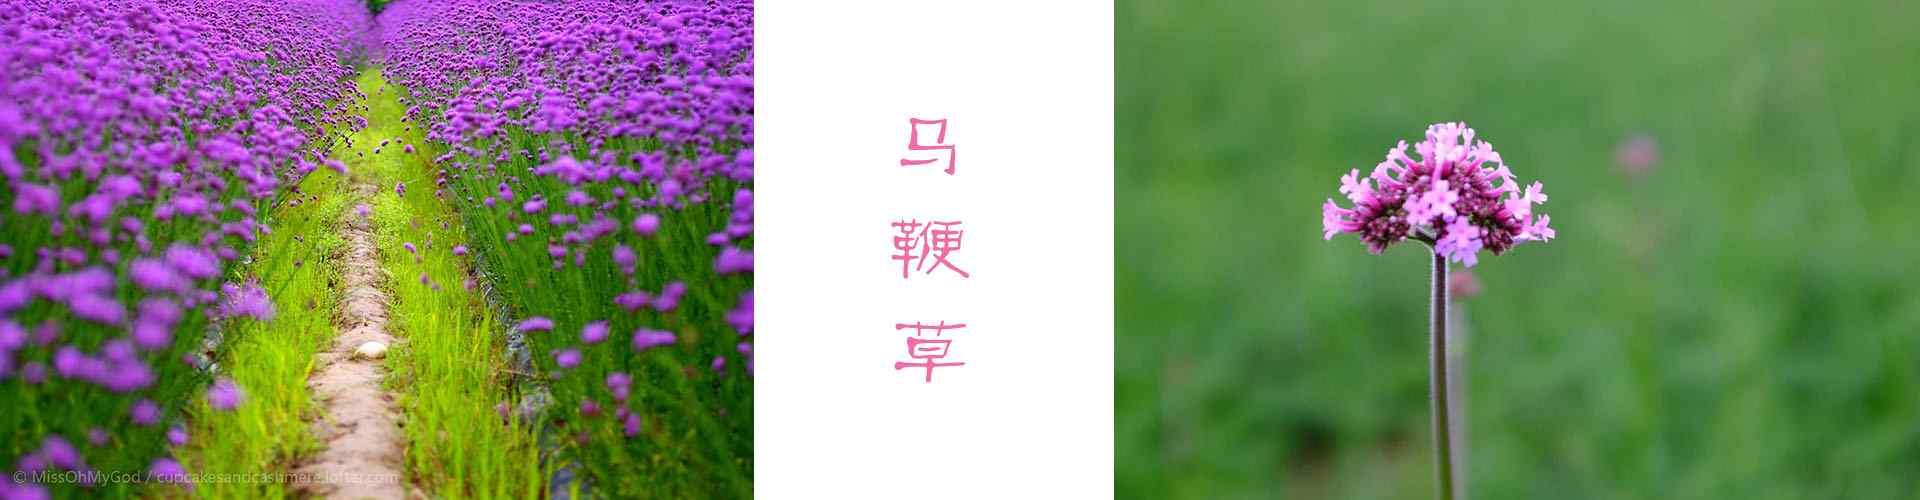 马鞭草_马鞭草图片_唯美马鞭草图片壁纸_鲜花图片大全_植物壁纸